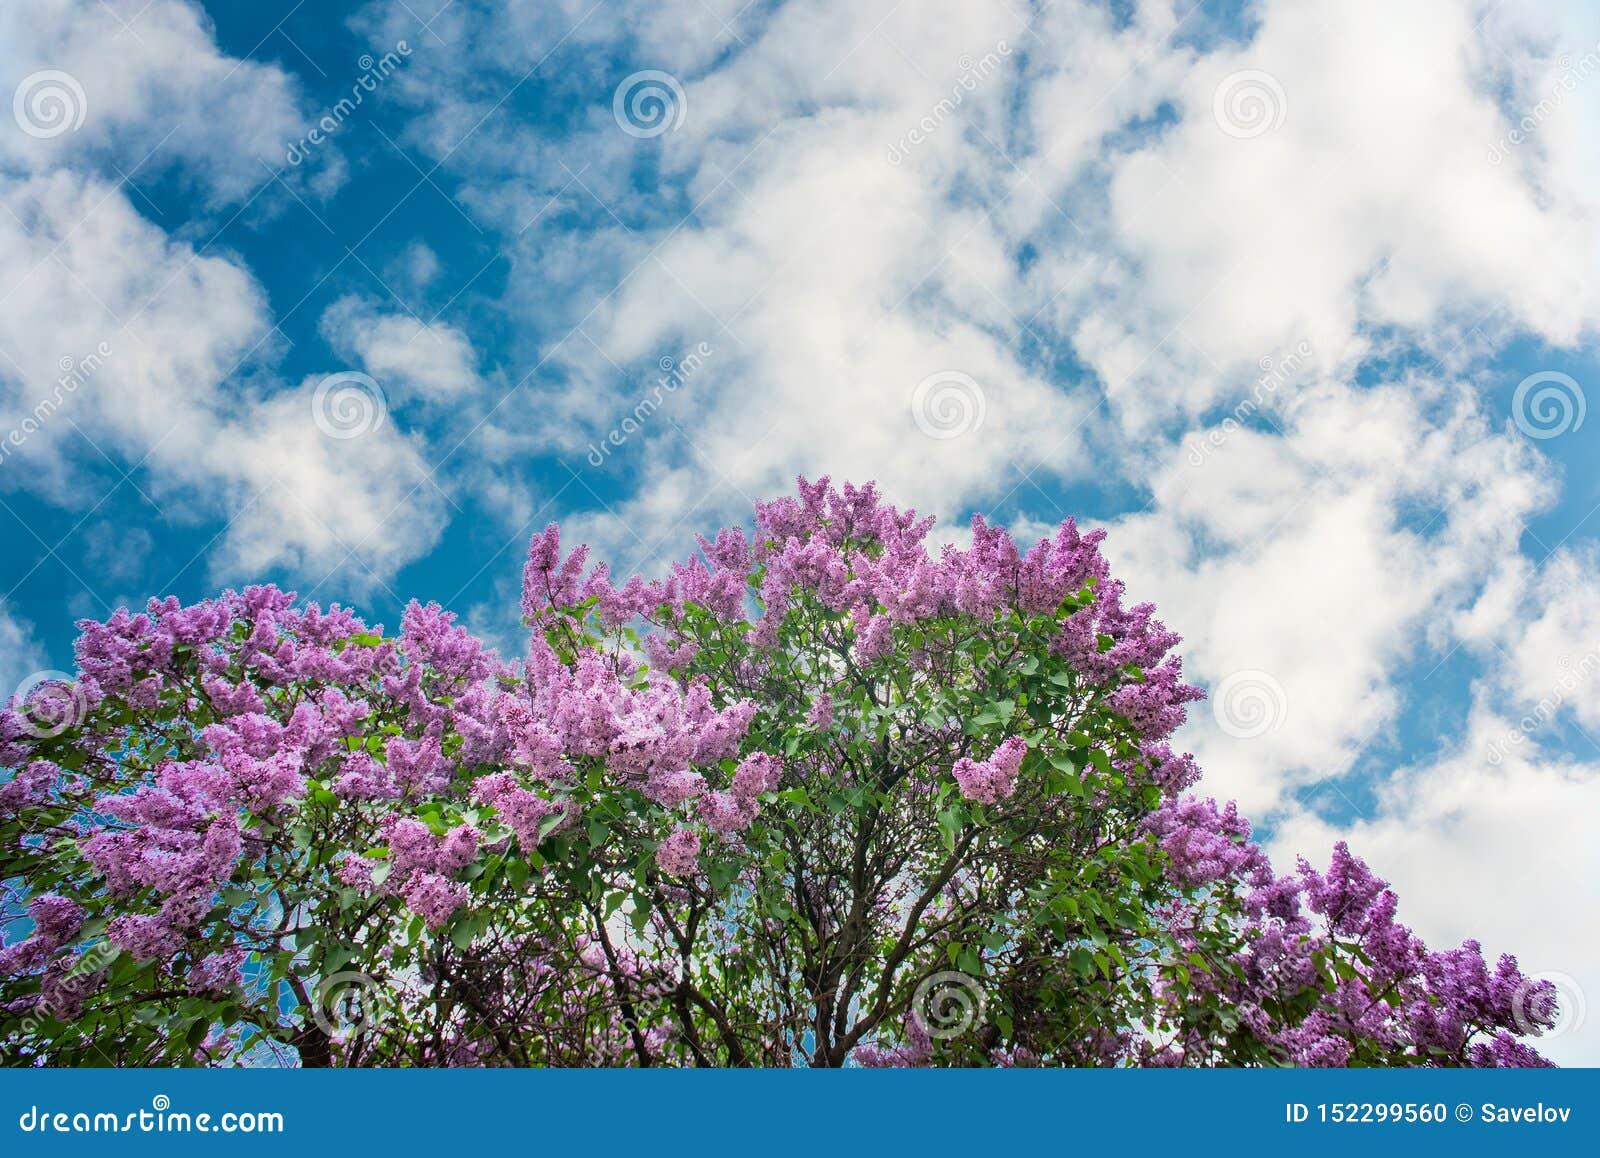 Lilas pourpre sous le ciel bleu avec des nuages